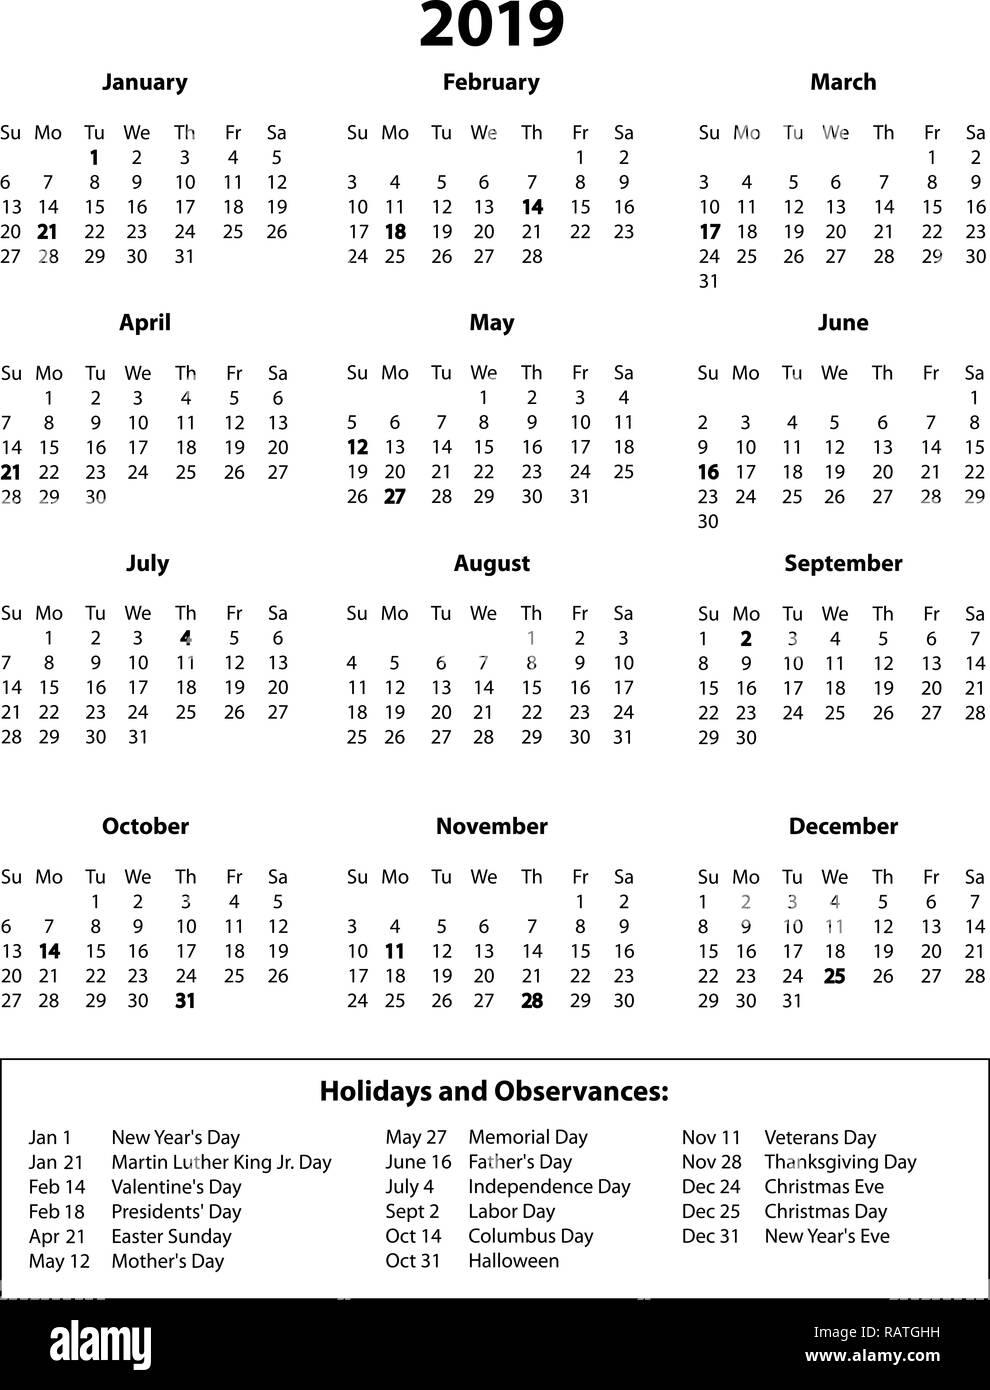 Calendario En Blanco.2019 Pagina Completa Calendario En Blanco Y Negro Foto Imagen De